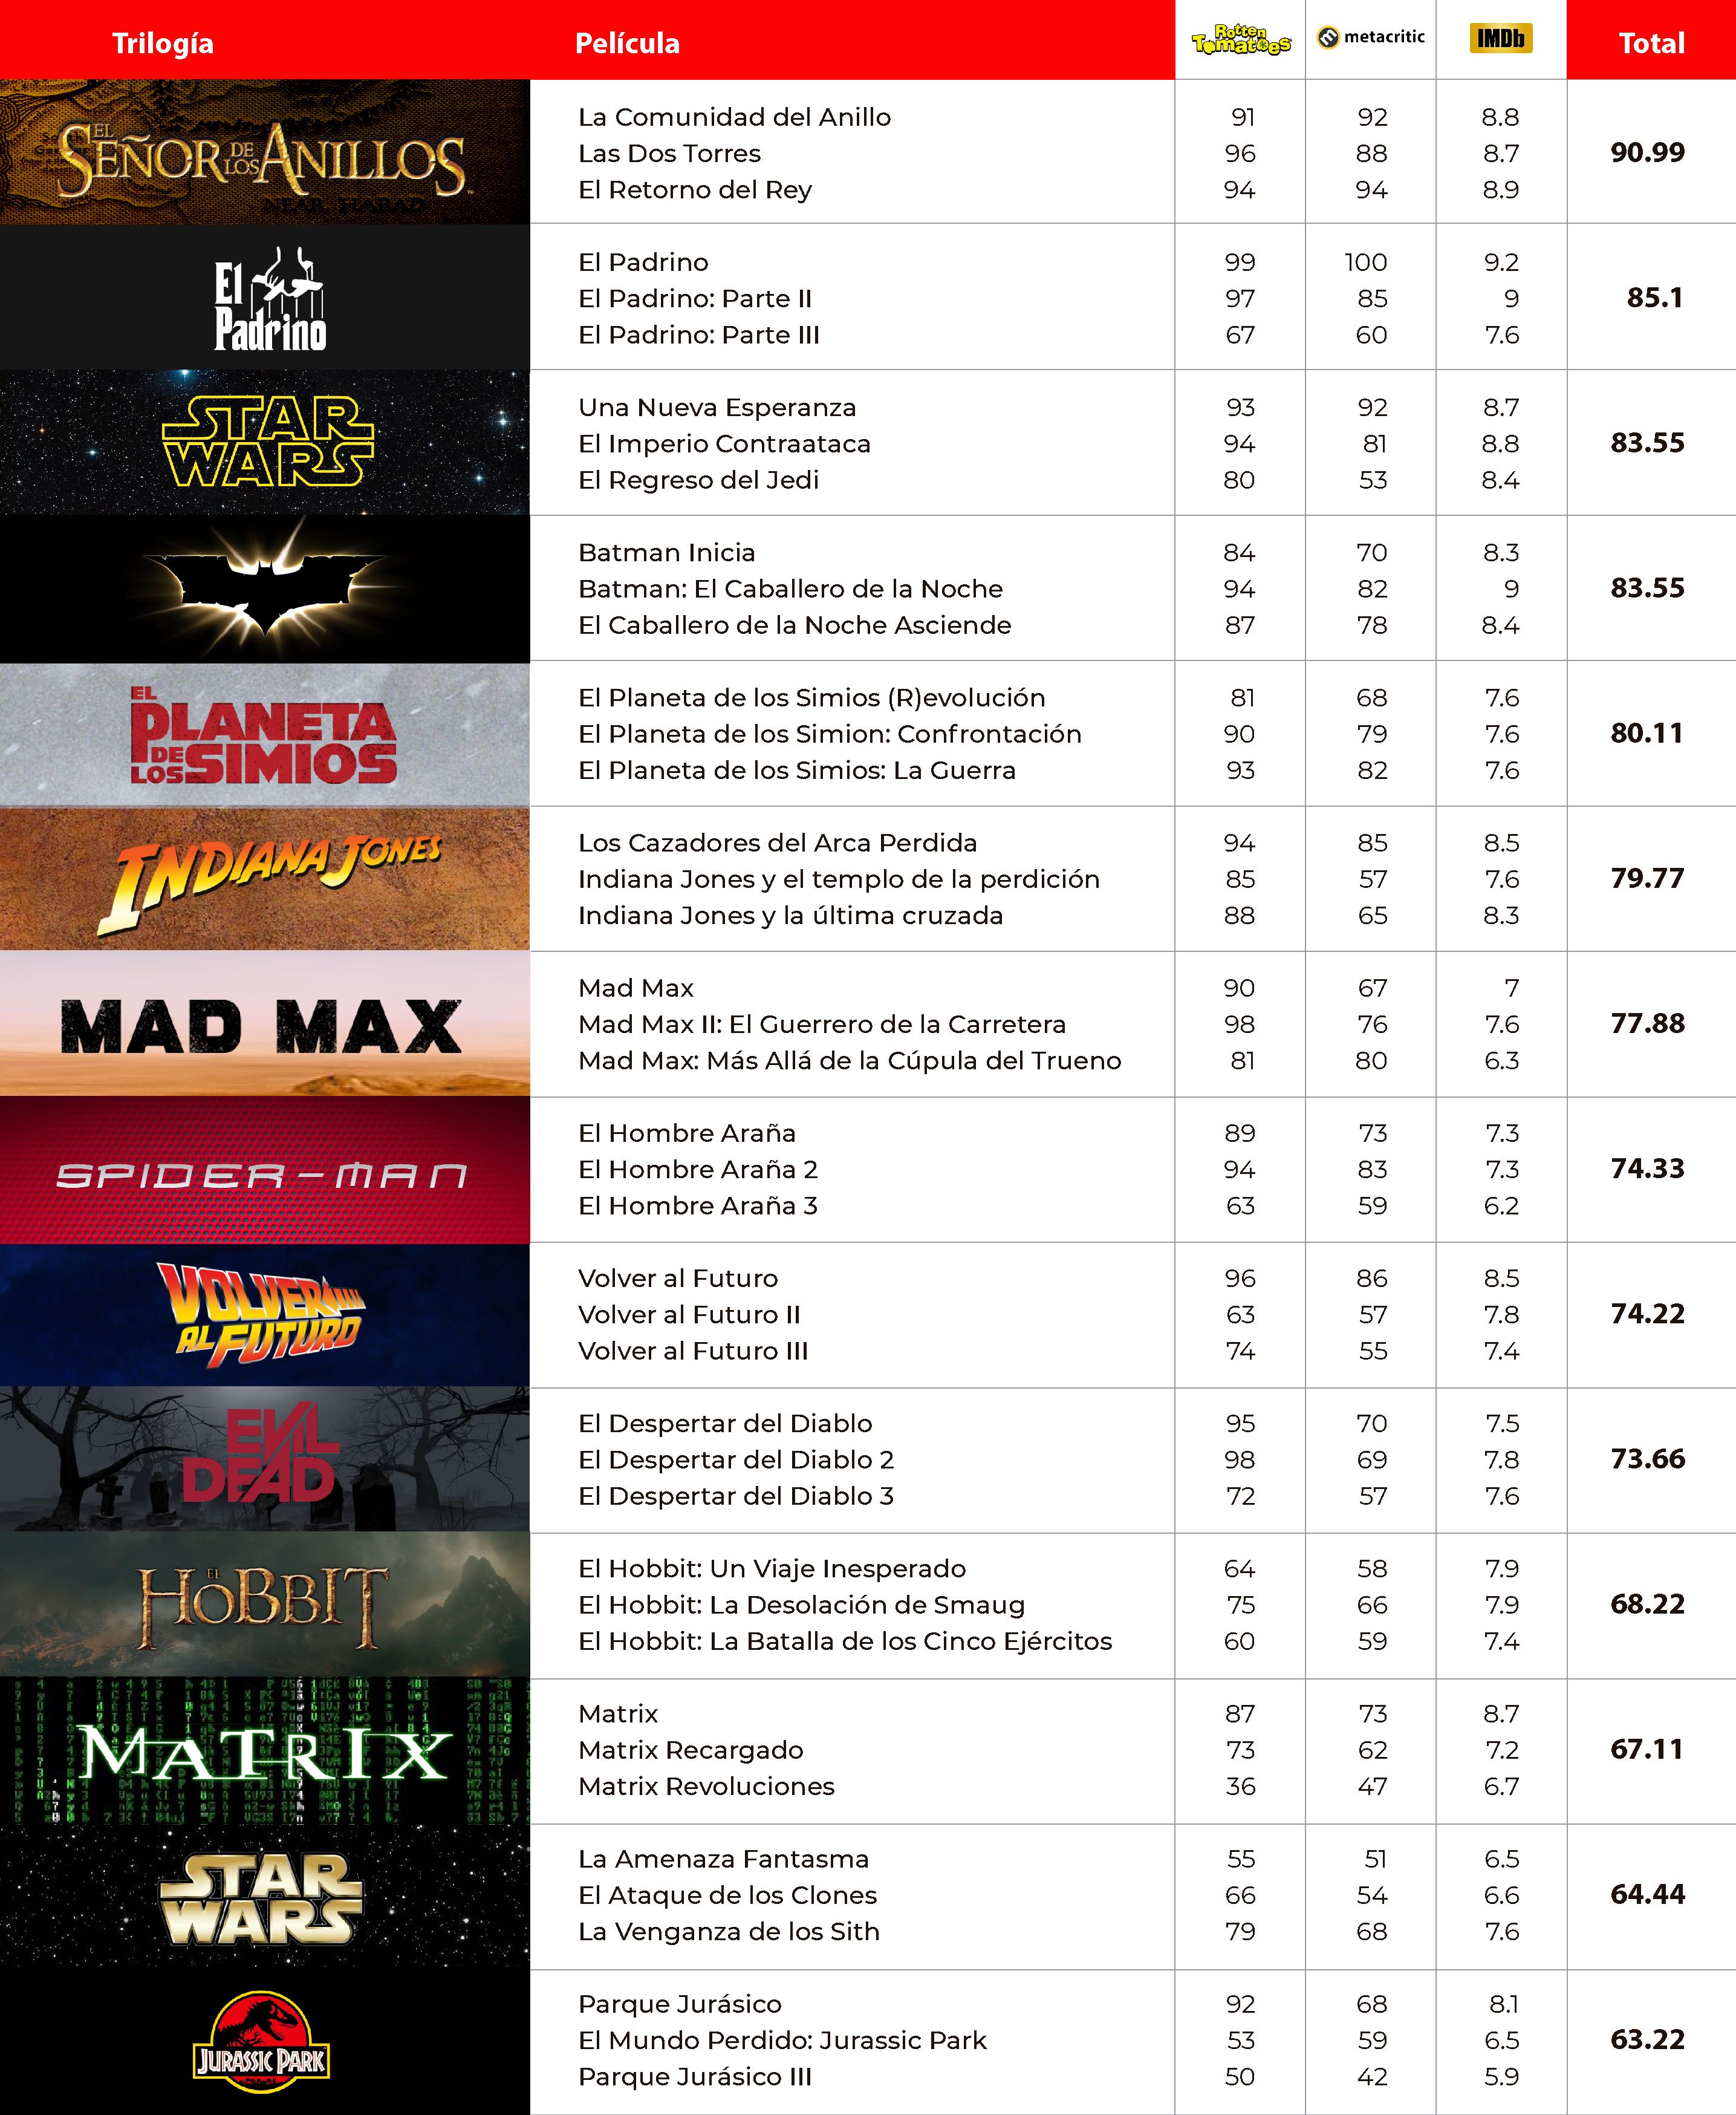 Las trilogías fílmicas más populares entre críticos y público.